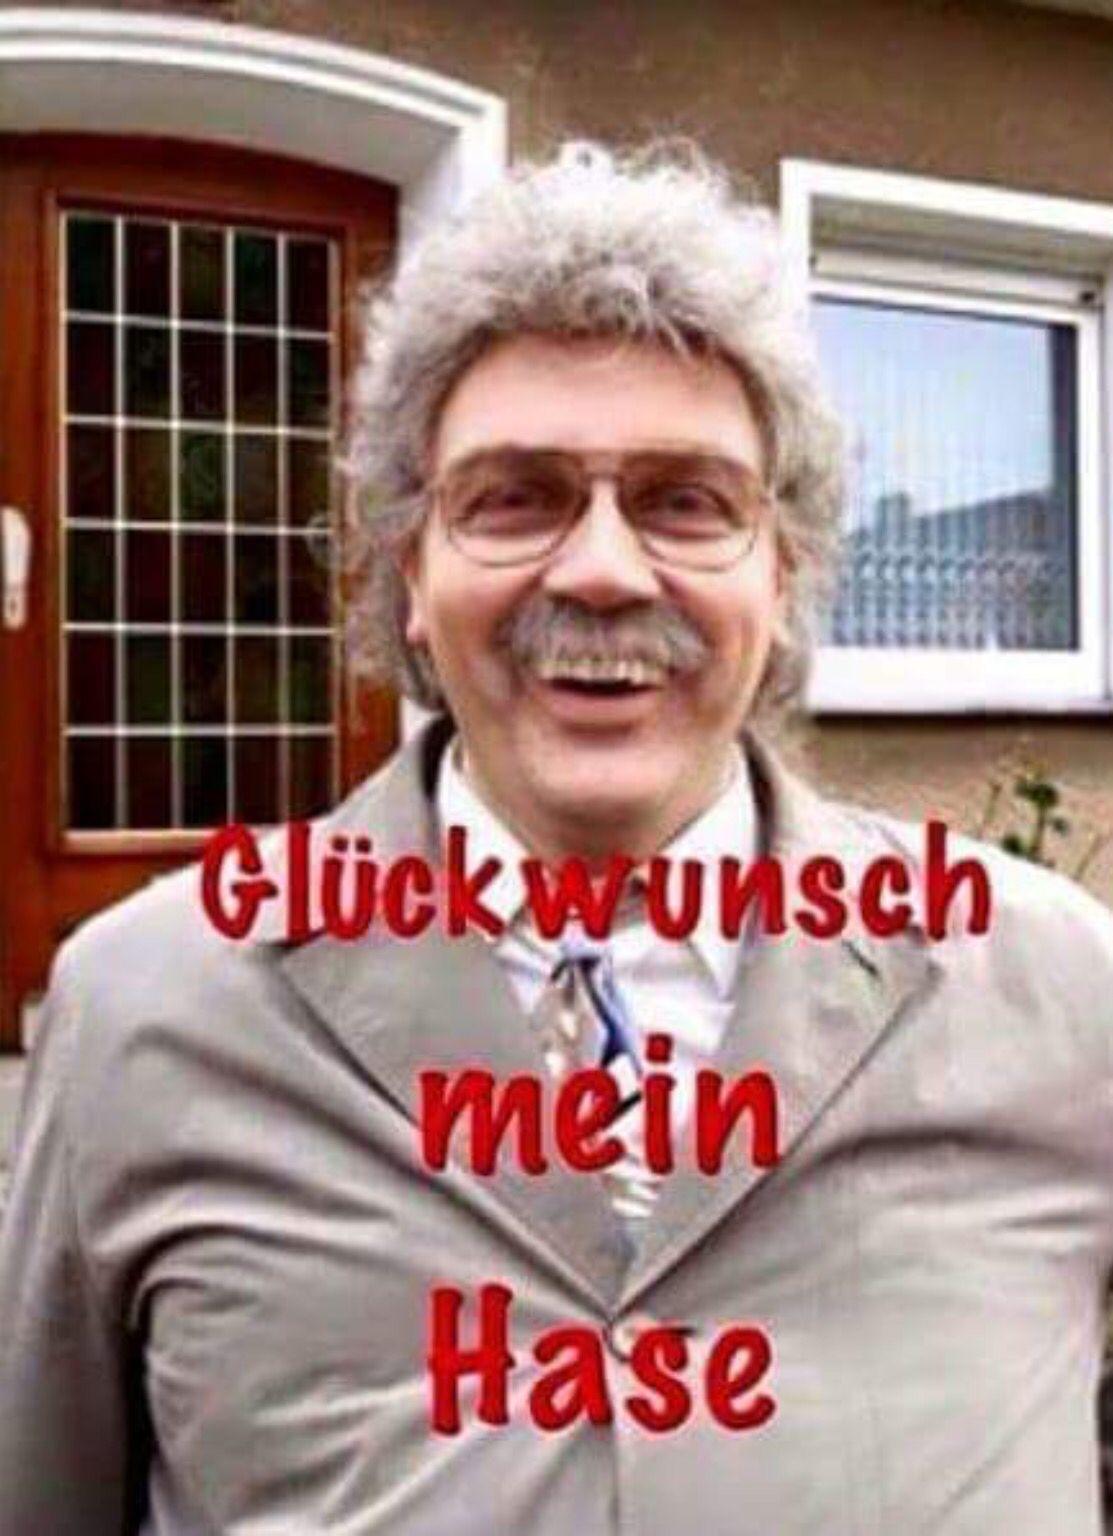 Gluckwunsch Zum Geburtstag Mein Hase X Hbd Happy Birthday